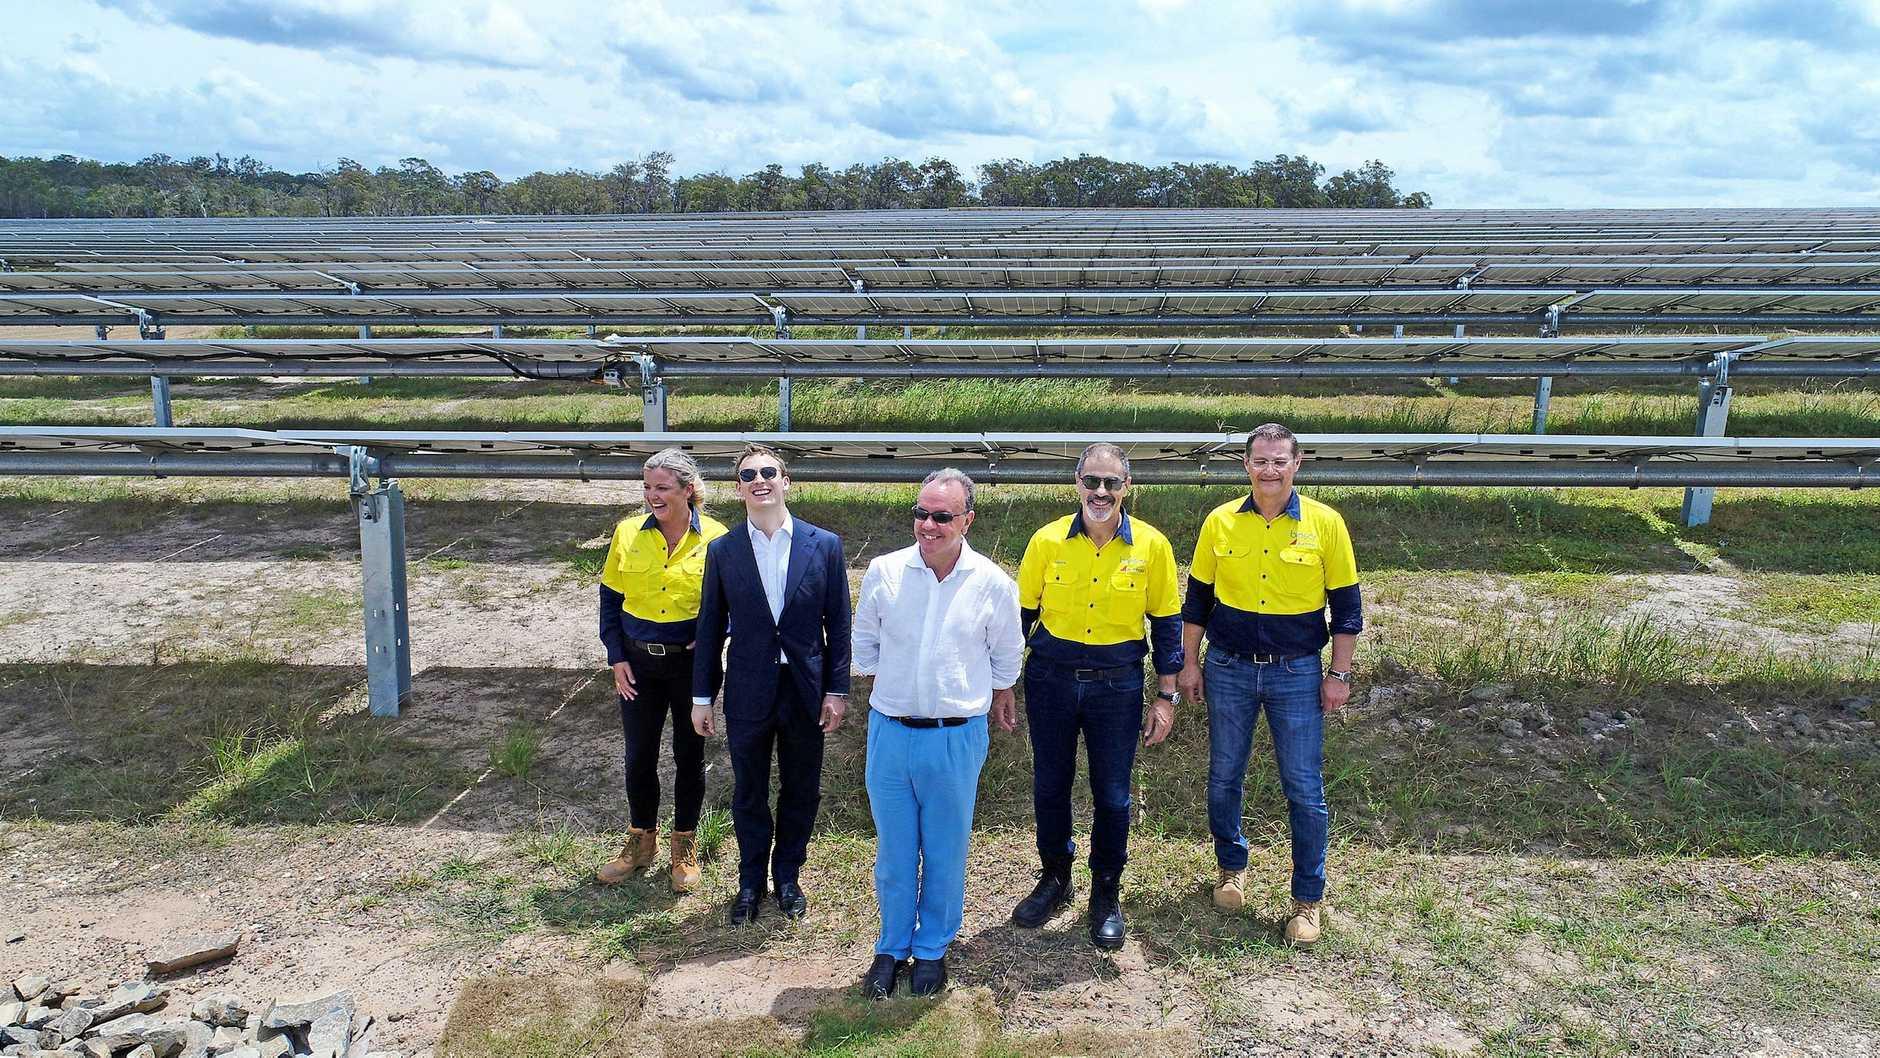 Solar Farm opening - Manos Chaviaros, Umberto Tamburrino, Francesco Ciardi, Sally Stahmer and Christos Papadopolos.